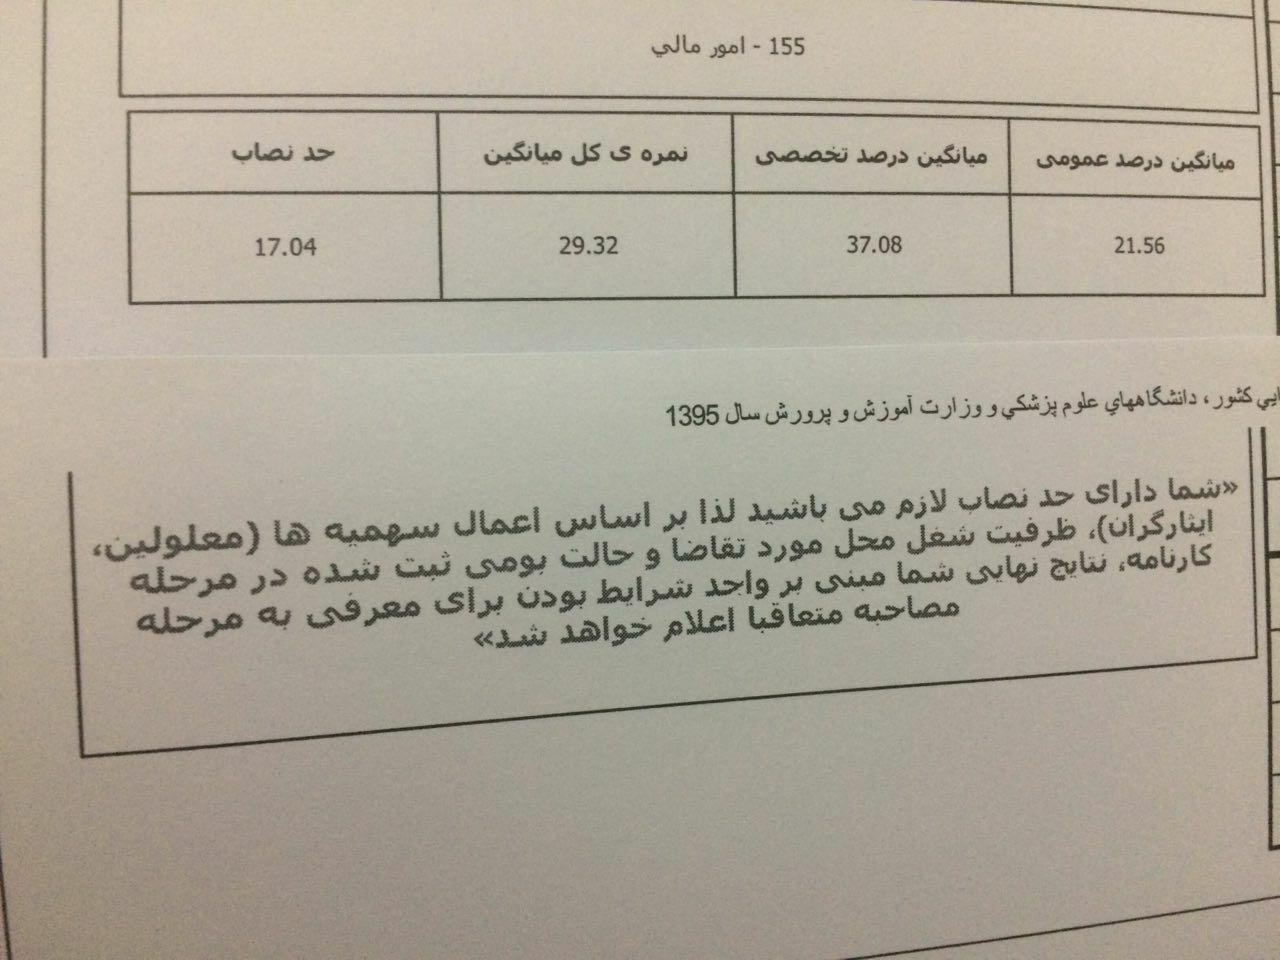 http://iranestekhdam.ir/wp-content/uploads/2017/01/a2.jpg